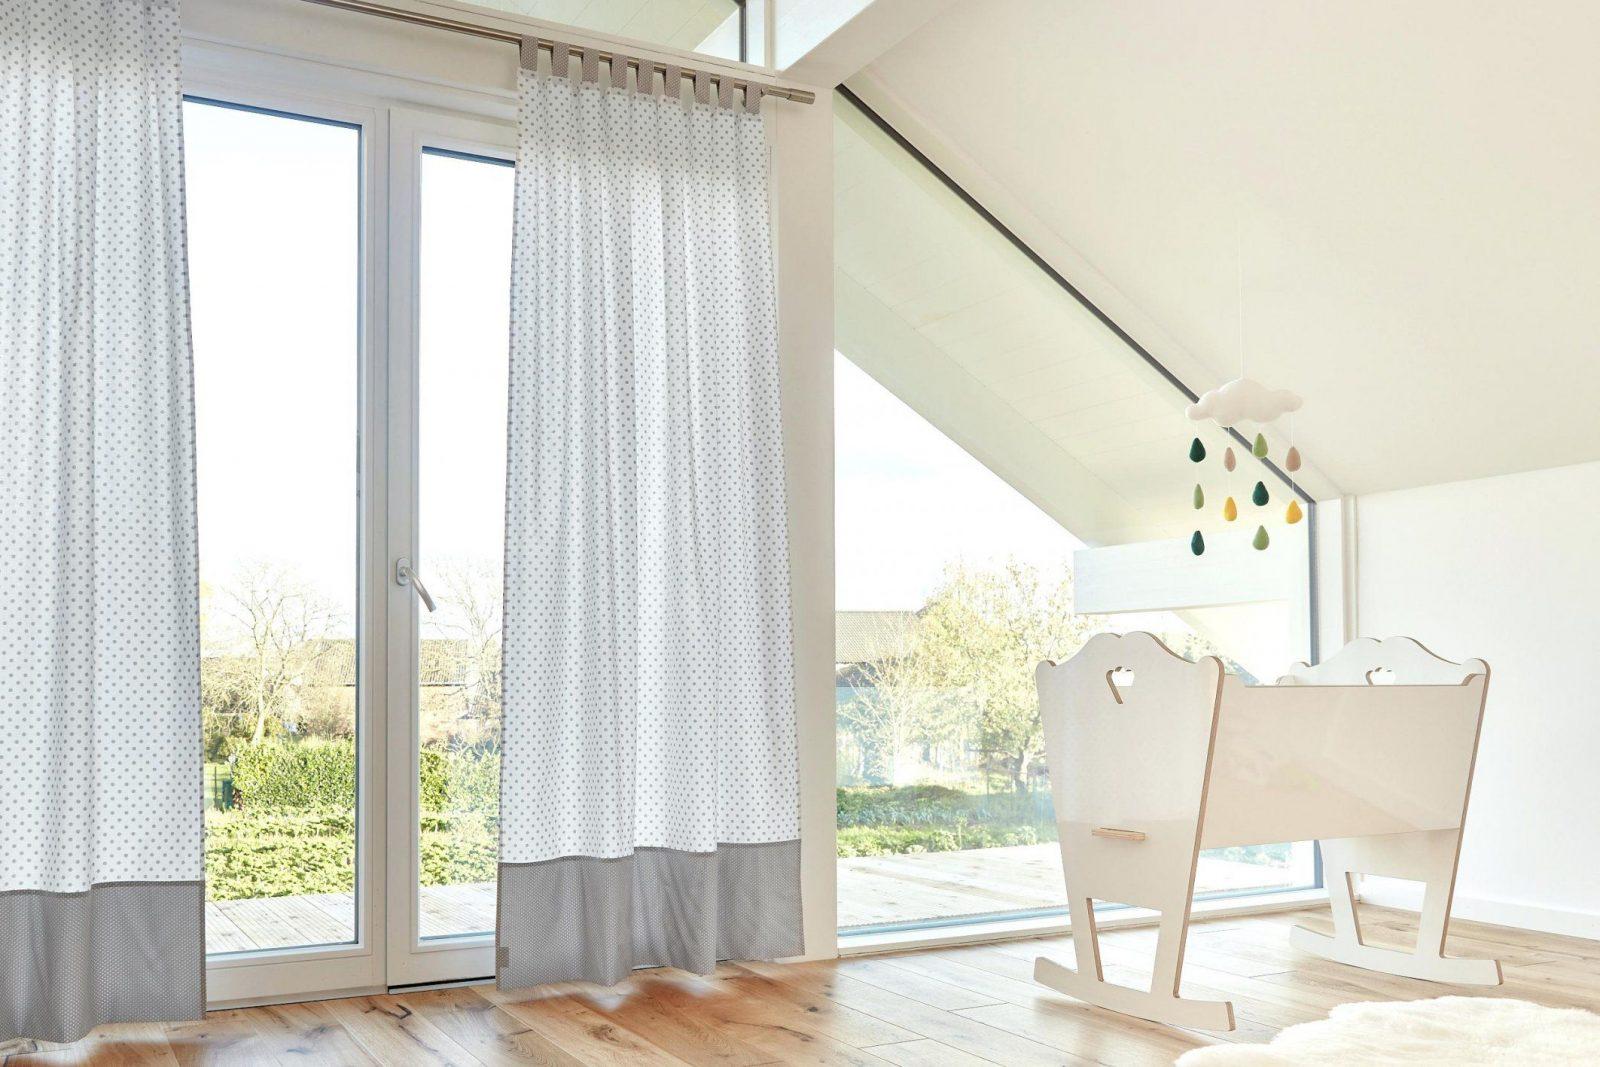 Weisse Gardinen Vorhange Grau Weia Genial Traumhafte Gardinen Amp von Gardinen Waschen Bei Wieviel Grad Bild